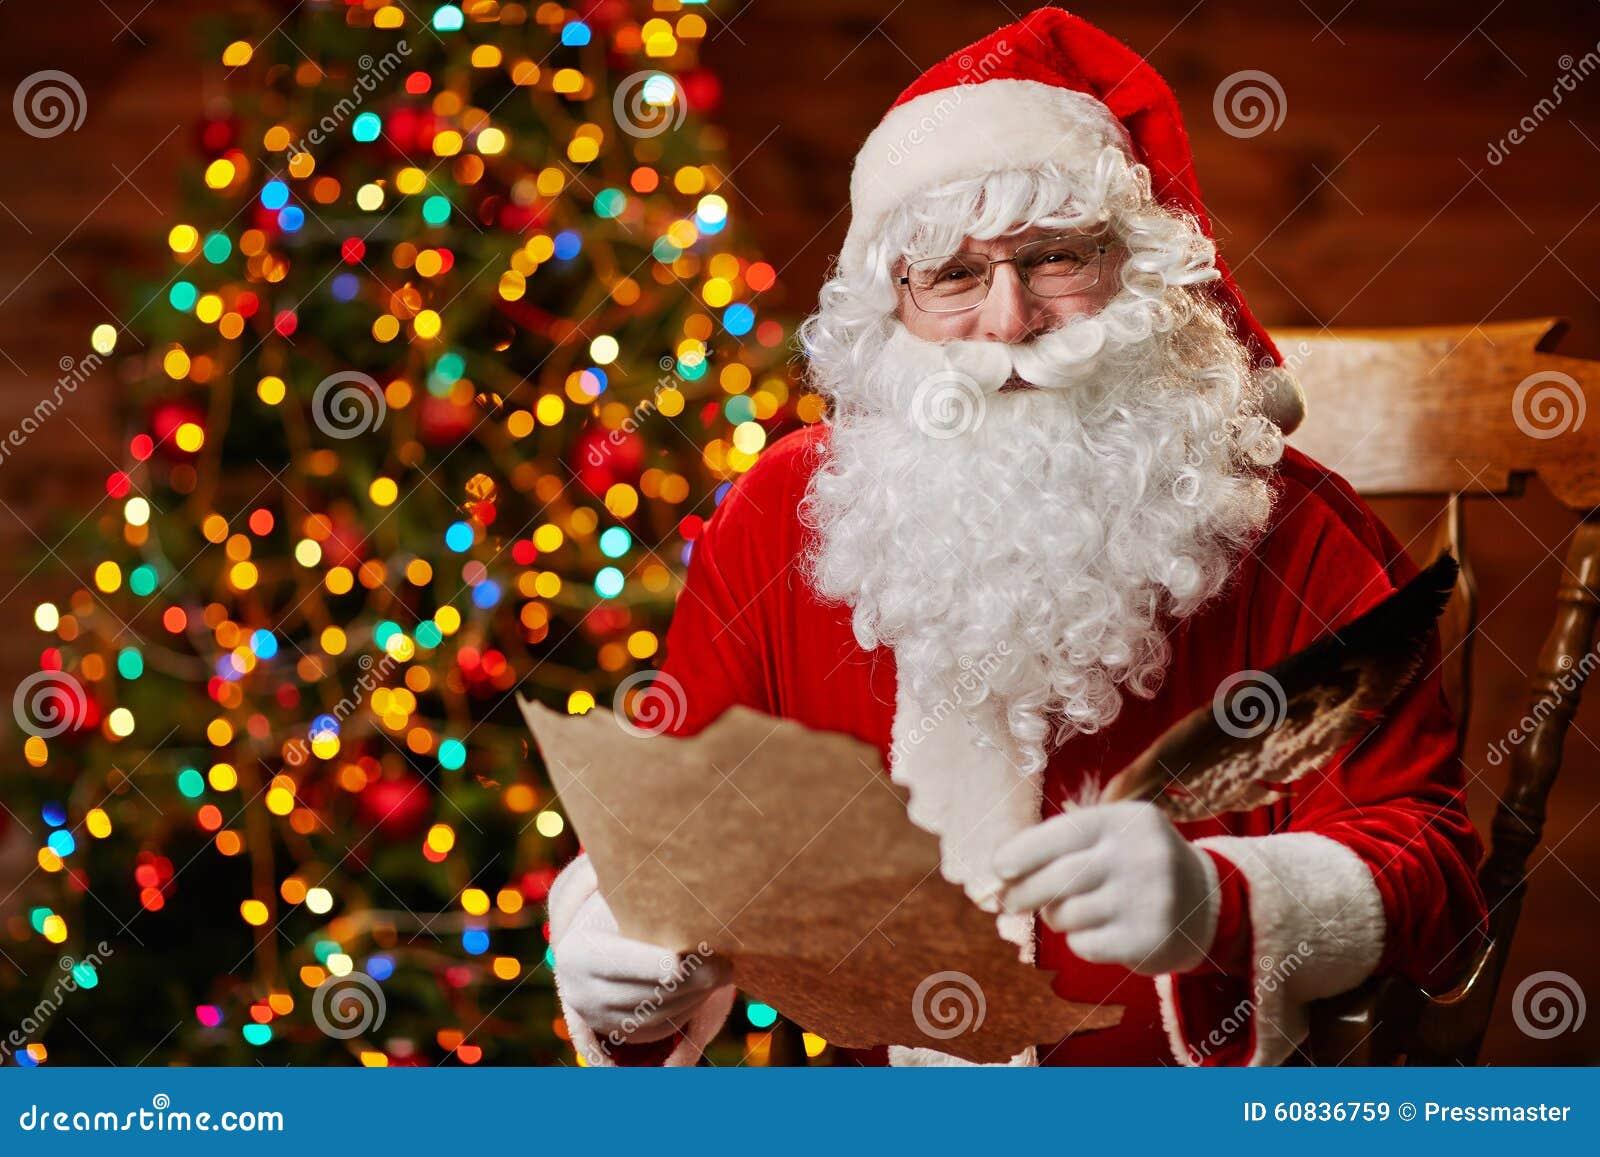 antwortender buchstabe vor weihnachten stockbild bild. Black Bedroom Furniture Sets. Home Design Ideas